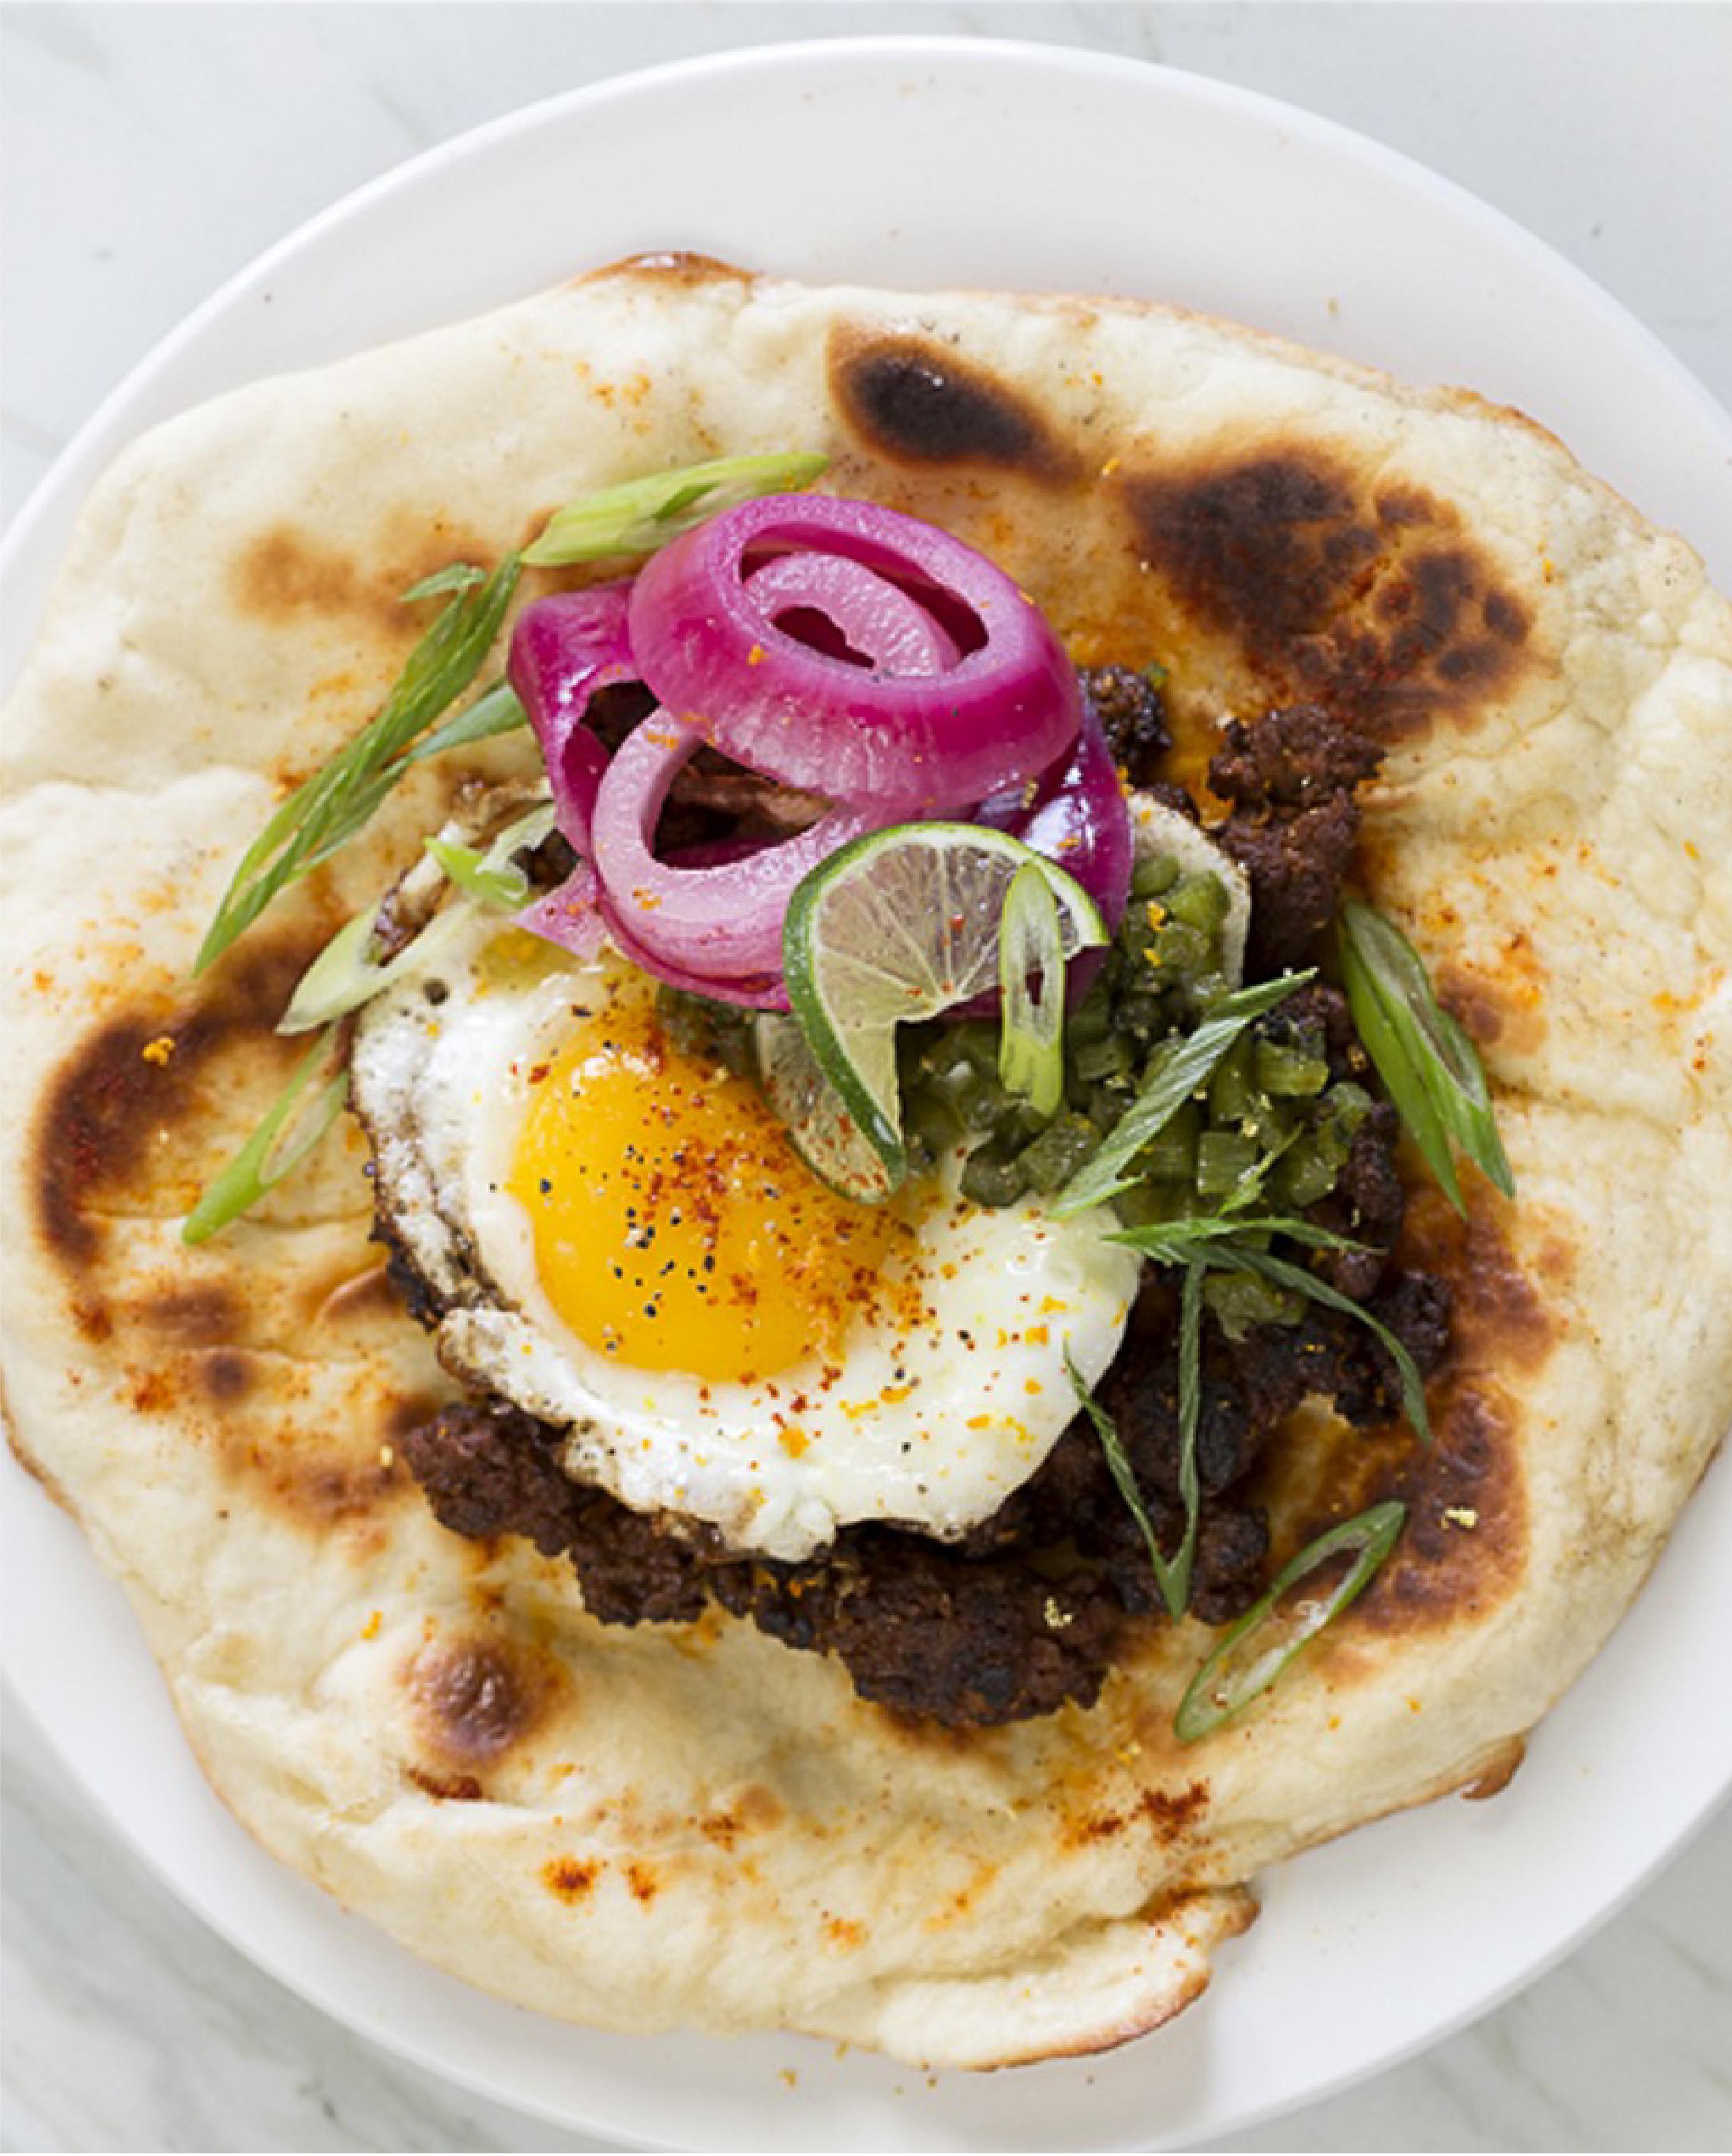 Common Pub - Lamb and Egg Burrito